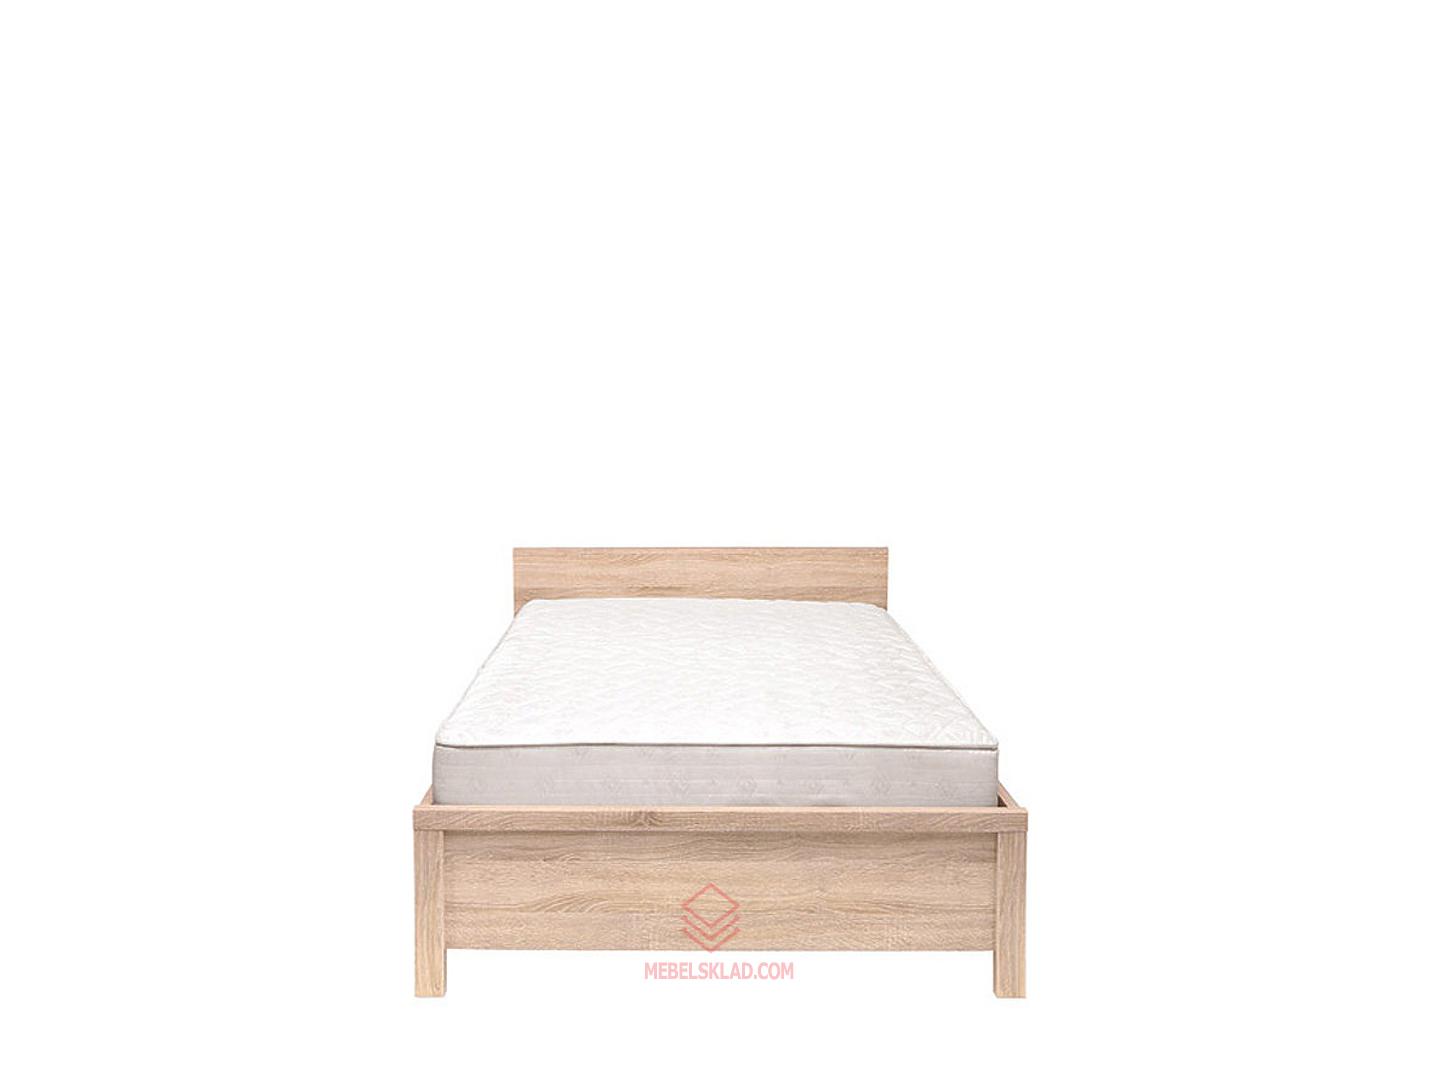 Кровать КАСПИАН LOZ90x200 дуб сонома - металлическое основание